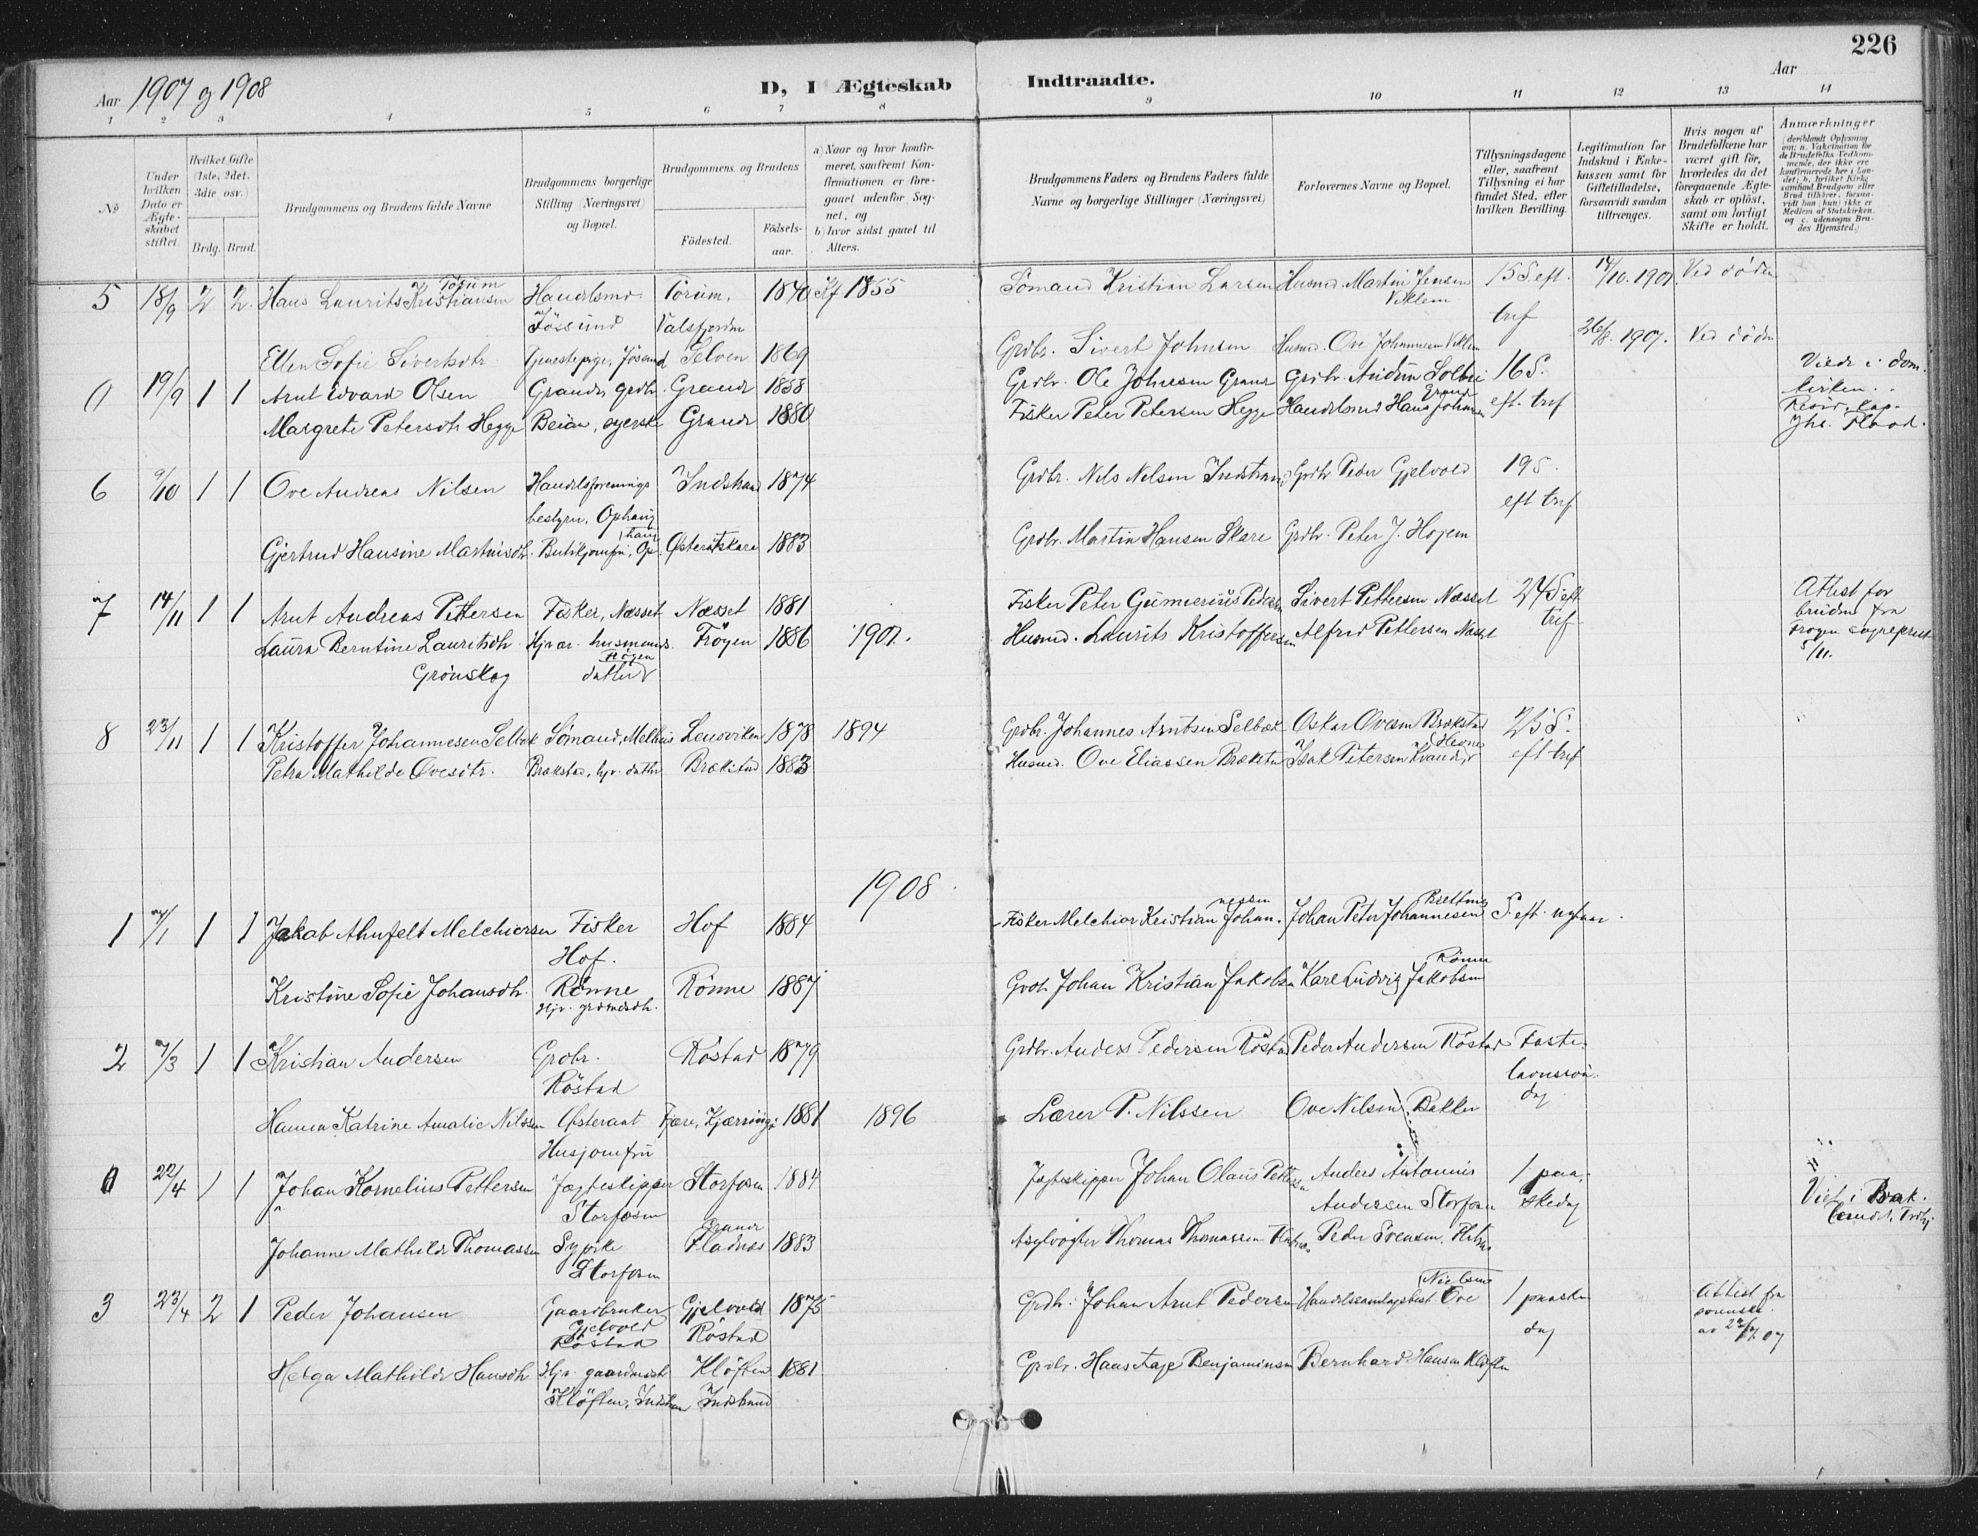 SAT, Ministerialprotokoller, klokkerbøker og fødselsregistre - Sør-Trøndelag, 659/L0743: Ministerialbok nr. 659A13, 1893-1910, s. 226